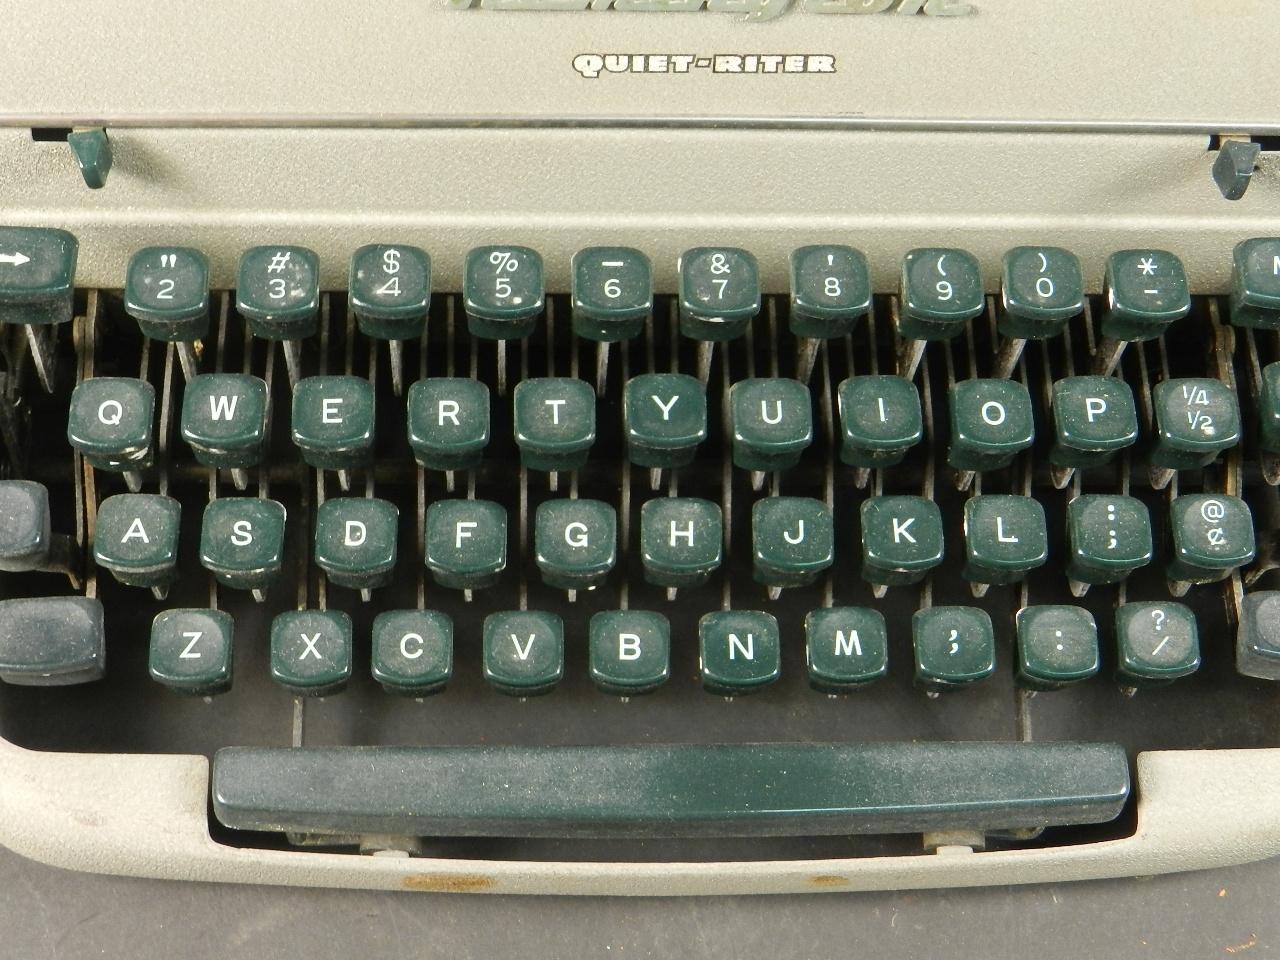 Imagen REMINGTON QUIET RITER AÑO 1950 37475